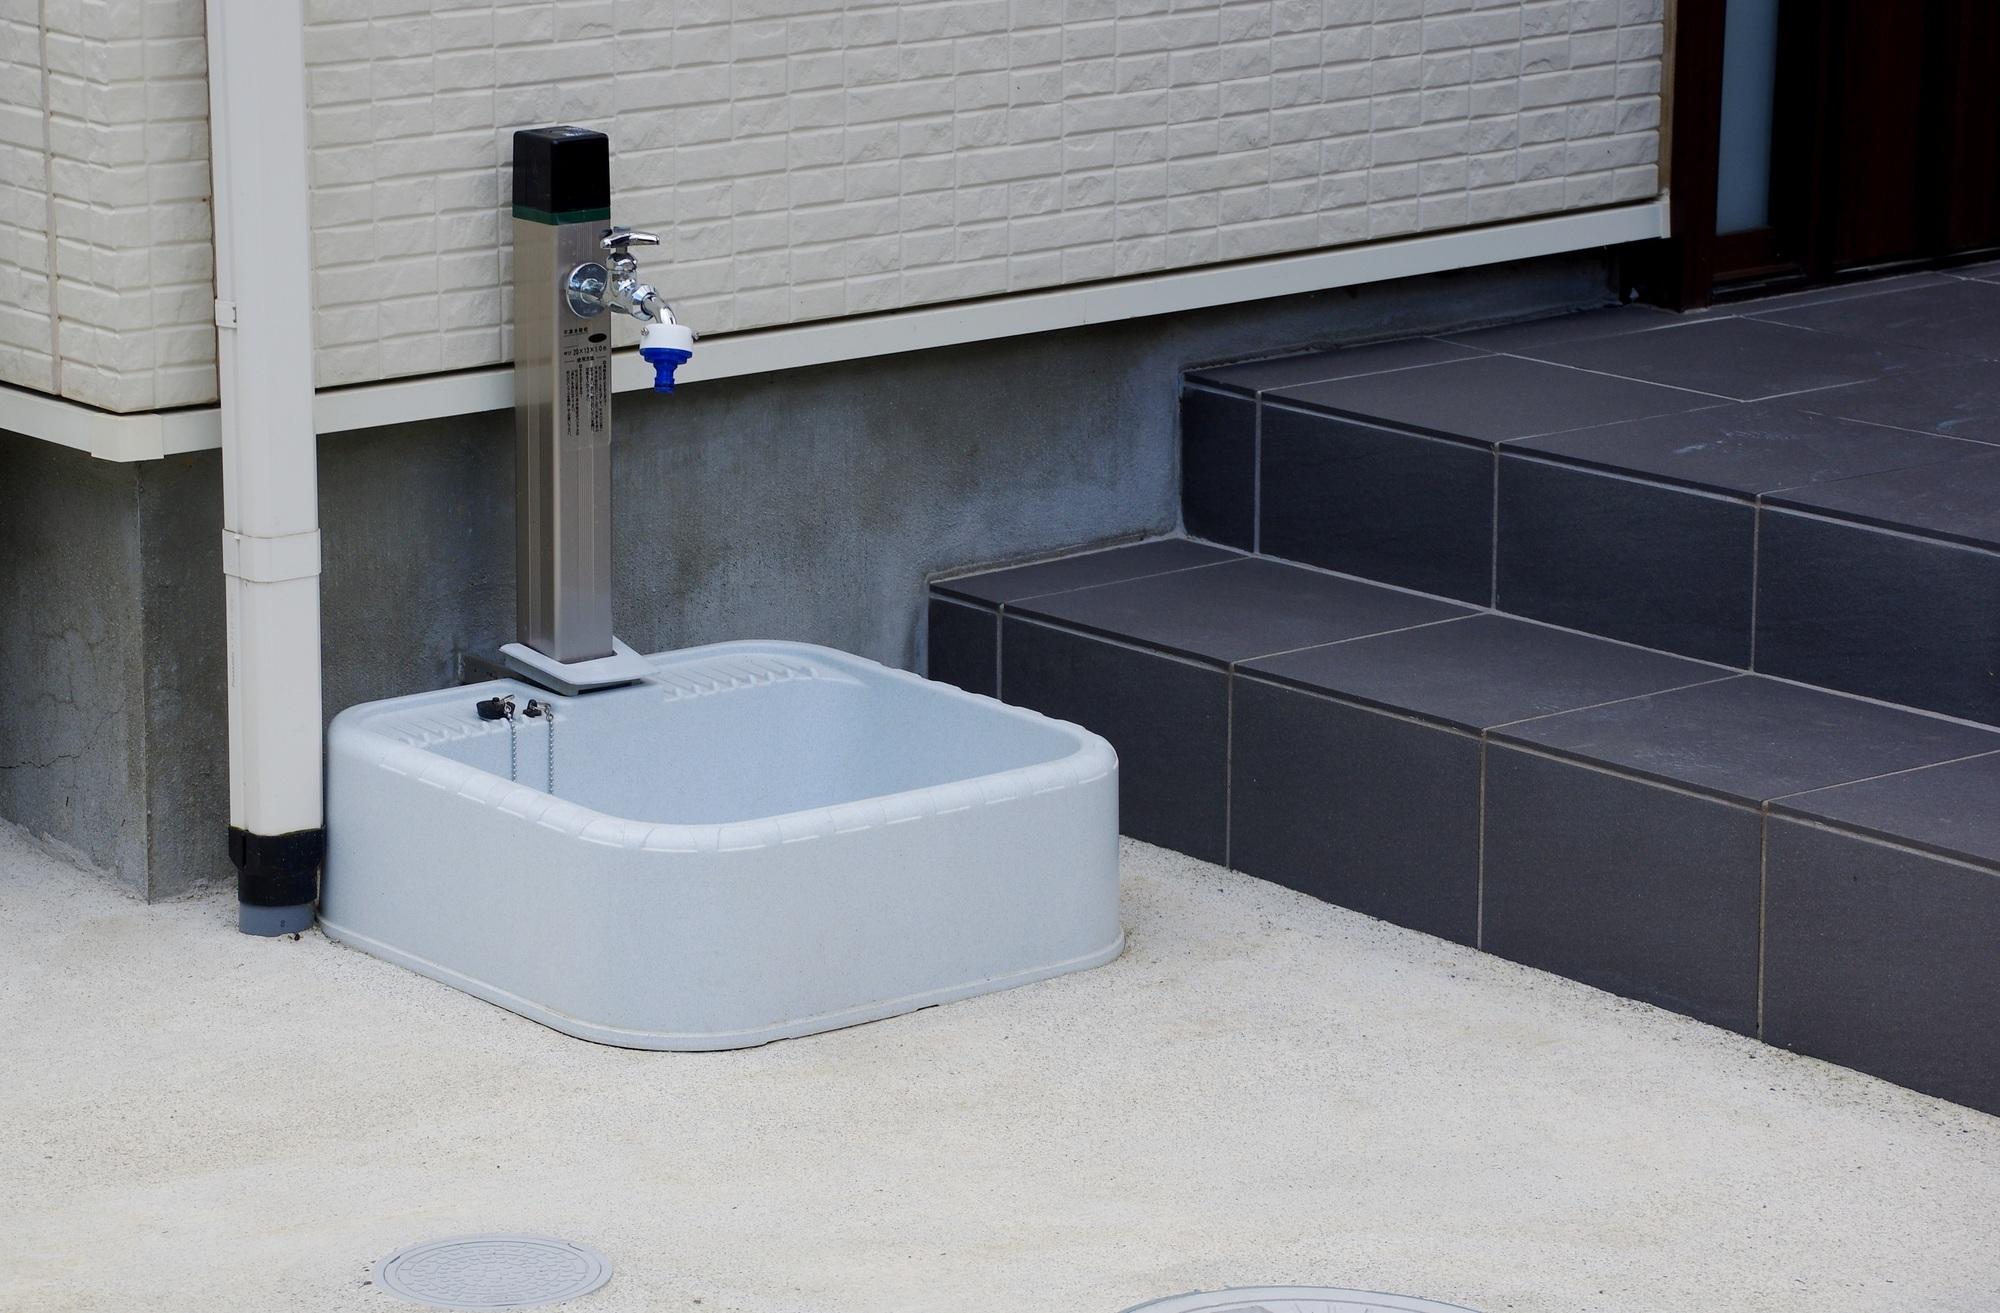 外用水栓の種類と特徴